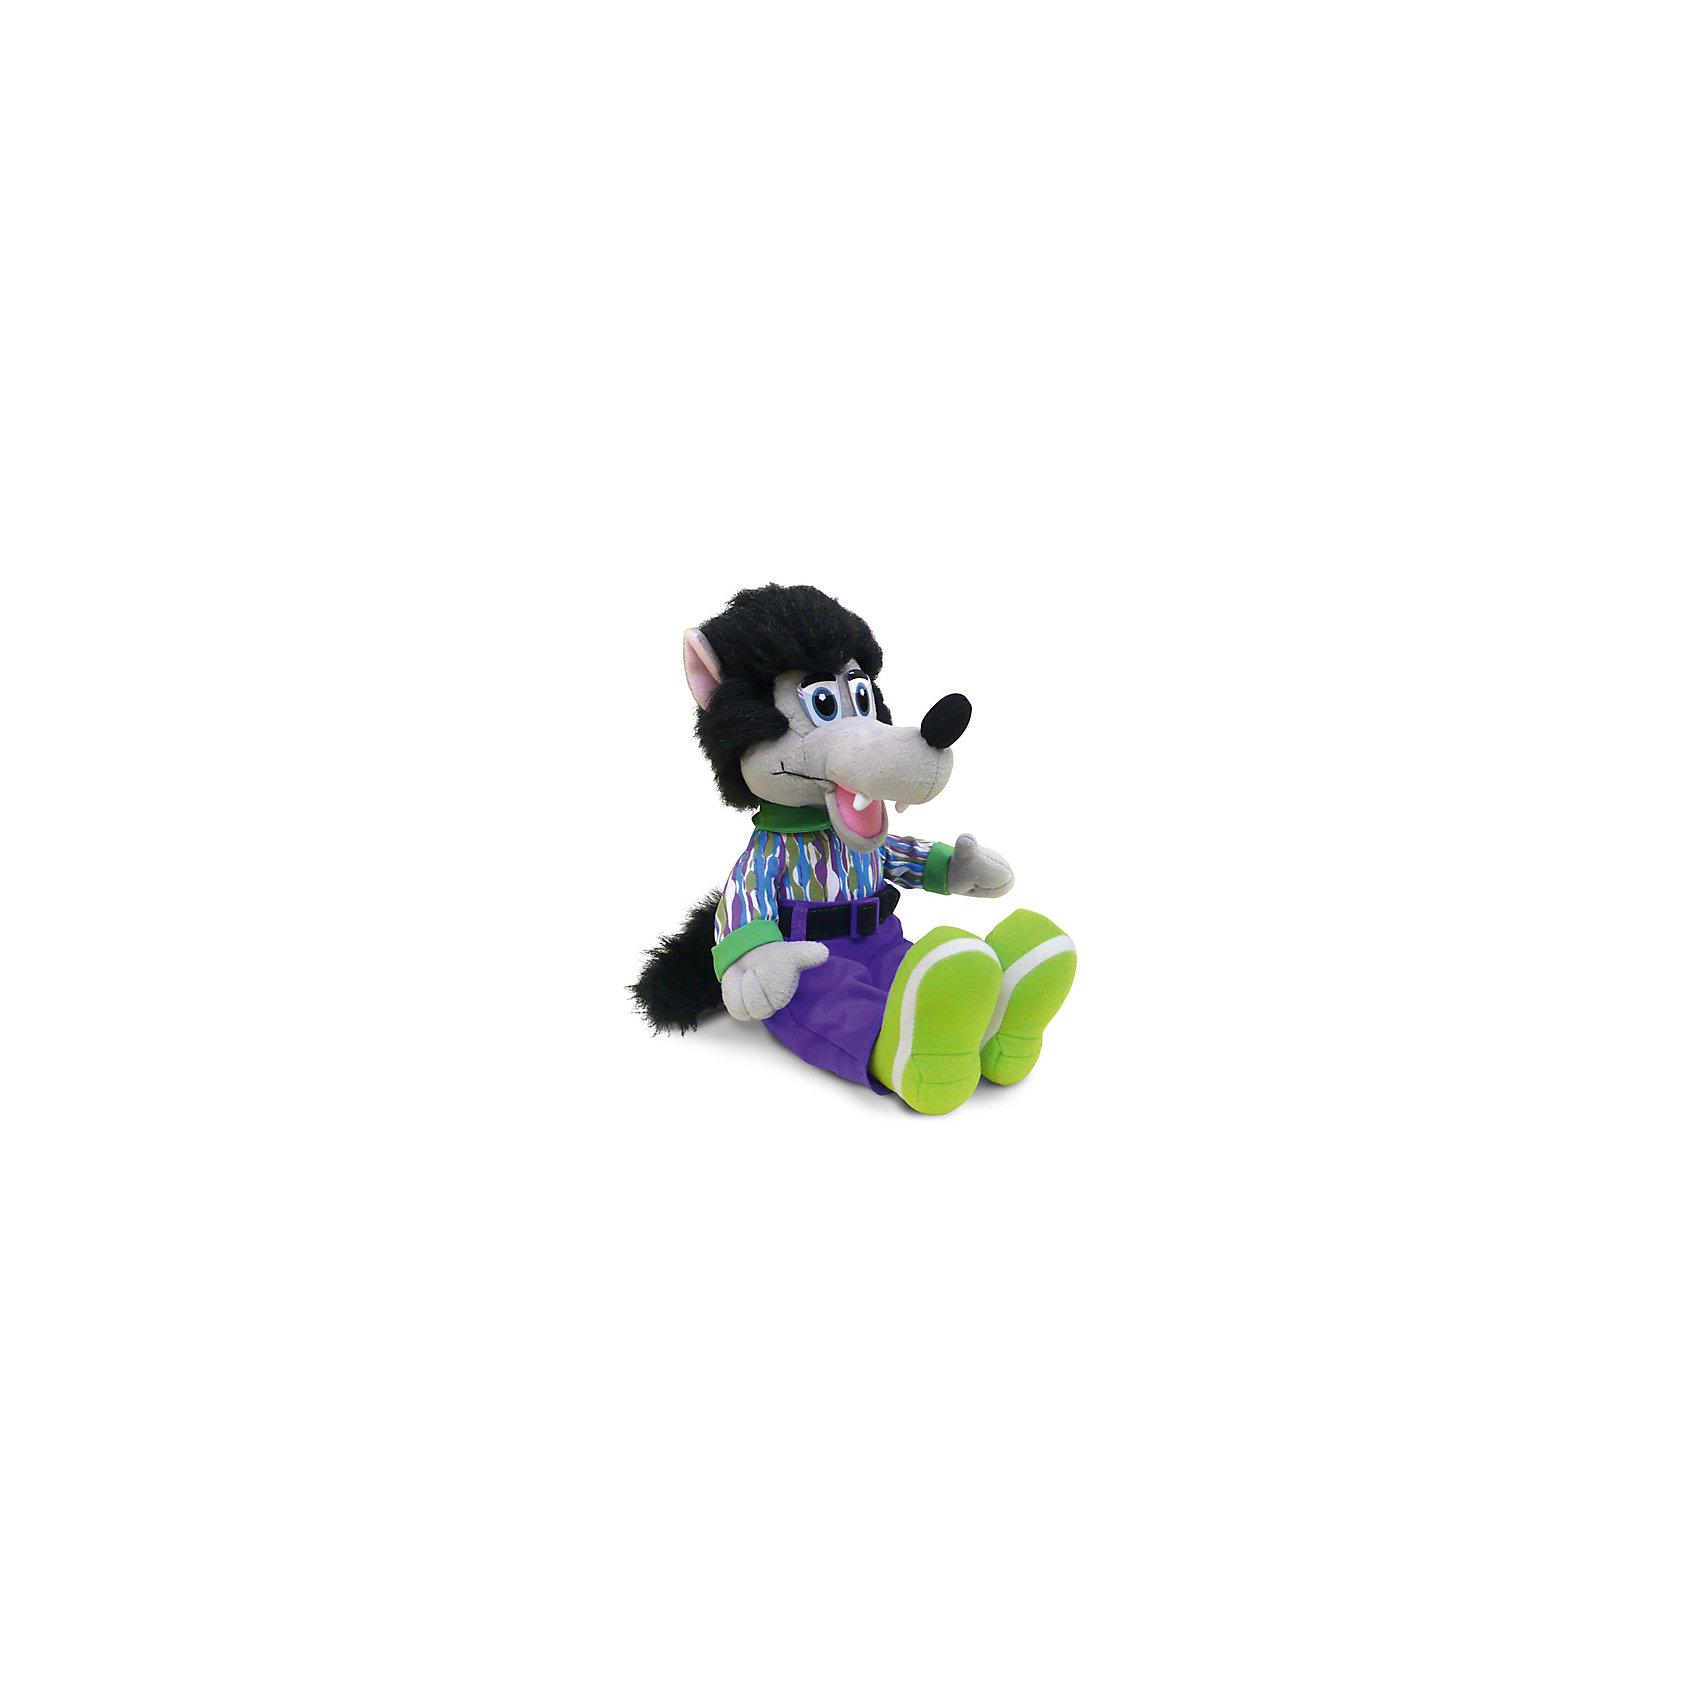 Волк-модник, музыкальный, 29,5 см, LAVAМягкие игрушки животные<br>Симпатичная мягкая игрушка сделана в виде Волка, одетого в модную одежду. Она поможет ребенку проводить время весело и с пользой (такие игрушки развивают воображение и моторику). В игрушке есть встроенный звуковой модуль, работающий на батарейках.<br>Размер игрушки универсален - 29,5 сантиметров, её удобно брать с собой в поездки и на прогулку. Сделан Волк из качественных и безопасных для ребенка материалов, которые еще и приятны на ощупь. Эта игрушка может стать и отличным подарком для взрослого.<br><br>Дополнительная информация:<br><br>- материал: текстиль, пластик;<br>- звуковой модуль;<br>- язык: русский;<br>- работает на батарейках;<br>- высота: 29,5 см.<br><br>Игрушку Волк-модник, музыкальный, 29,5 см, от марки LAVA можно купить в нашем магазине.<br><br>Ширина мм: 295<br>Глубина мм: 130<br>Высота мм: 110<br>Вес г: 492<br>Возраст от месяцев: 36<br>Возраст до месяцев: 1188<br>Пол: Унисекс<br>Возраст: Детский<br>SKU: 4701875